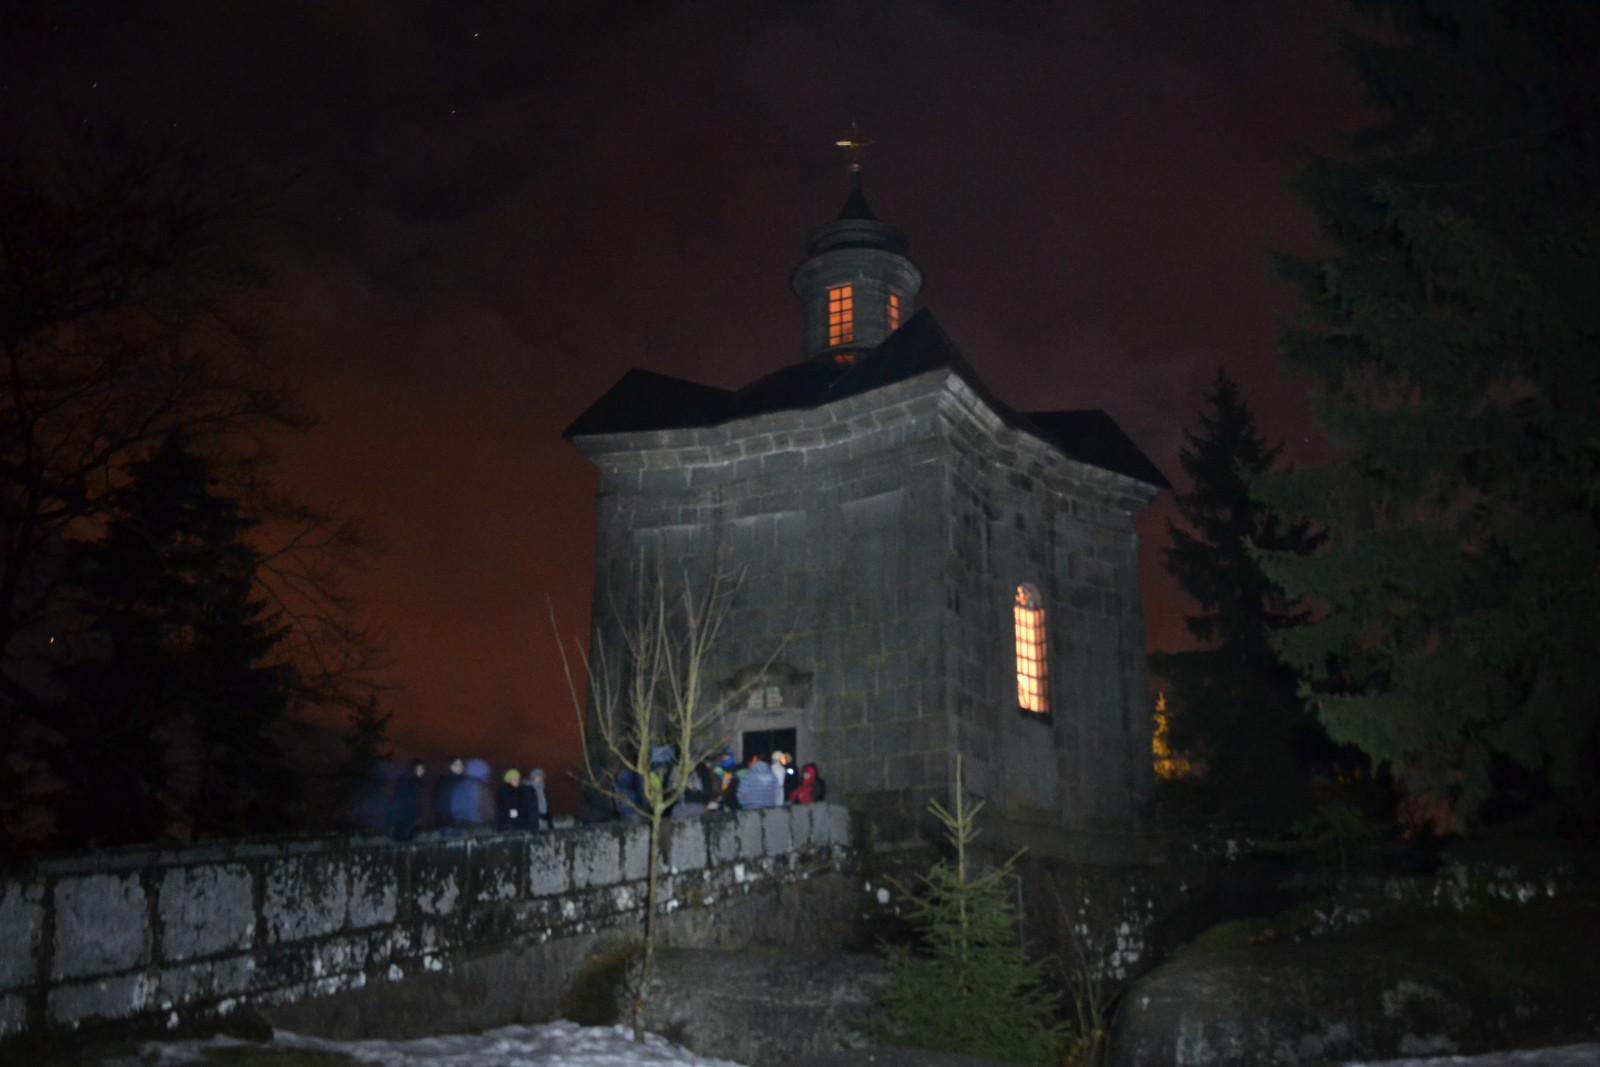 13 12 23 23.51.07 Kaple panny Marie Sněžné na Hvězdě